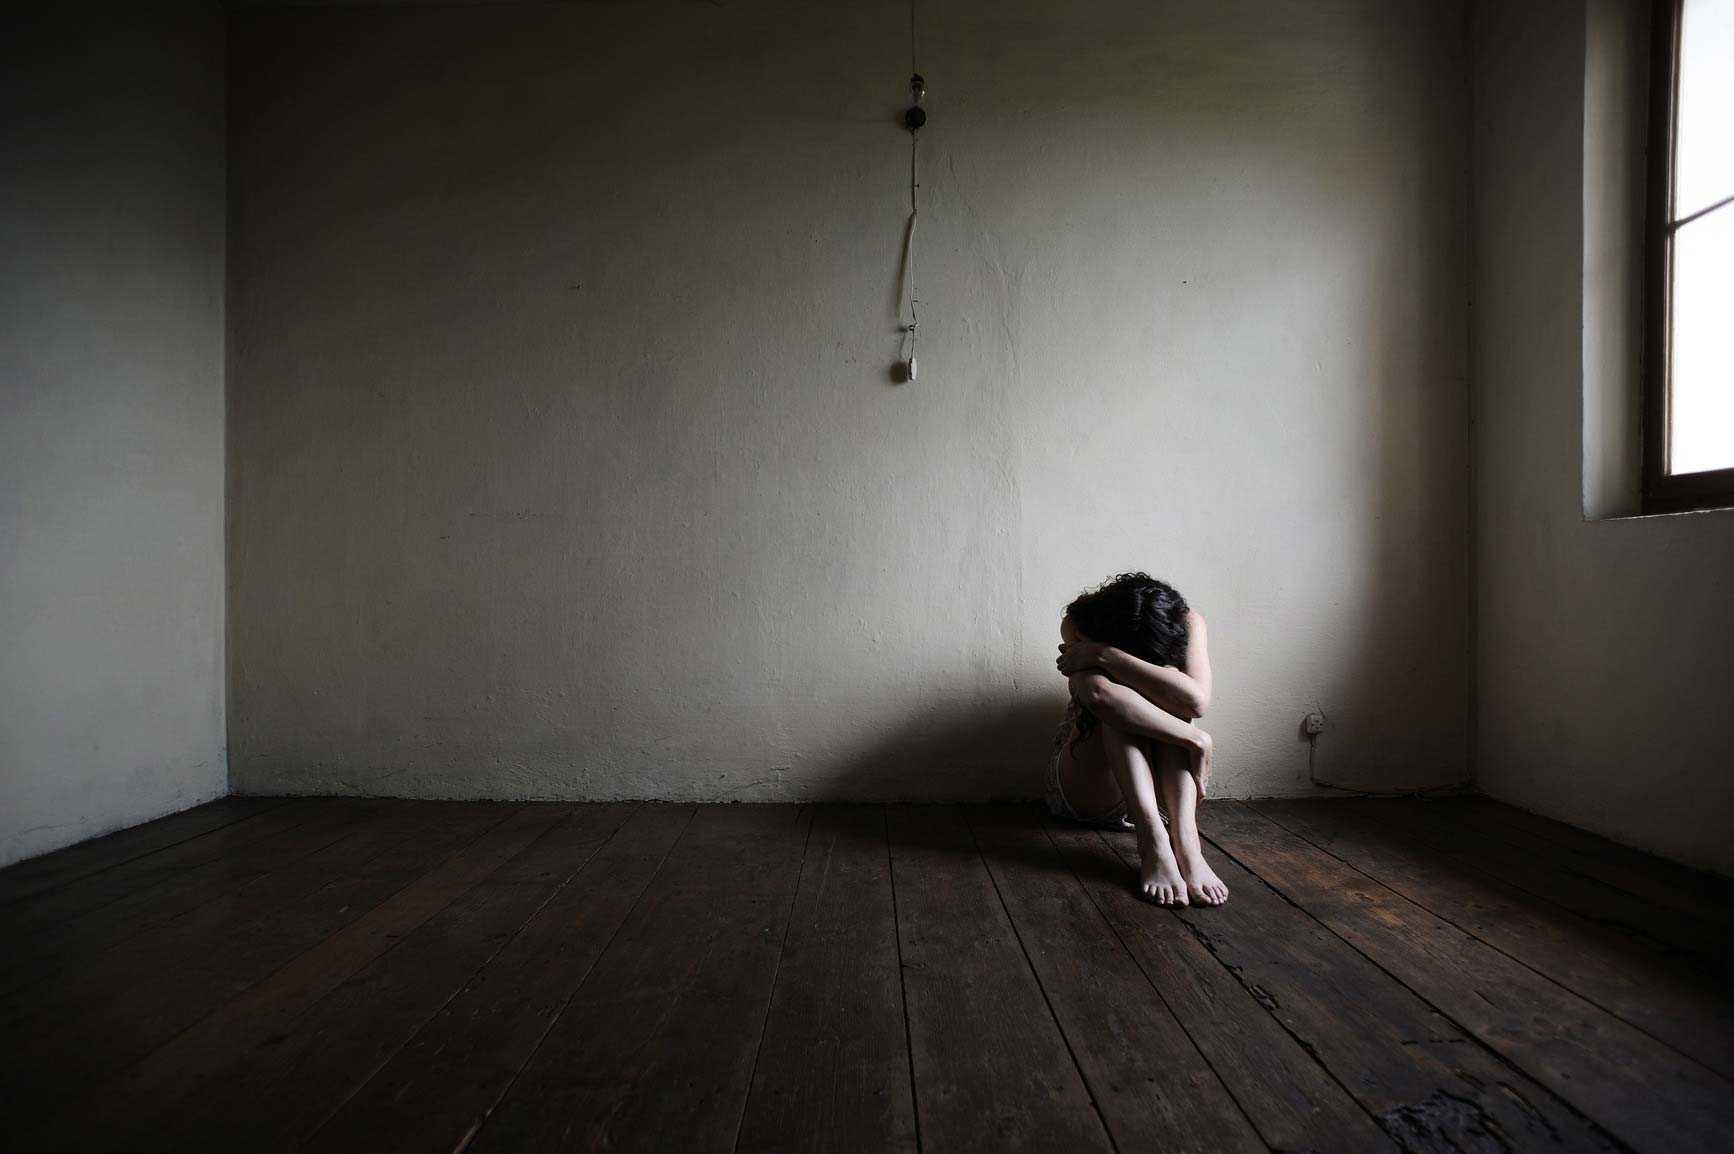 Муж в депрессии. что делать?